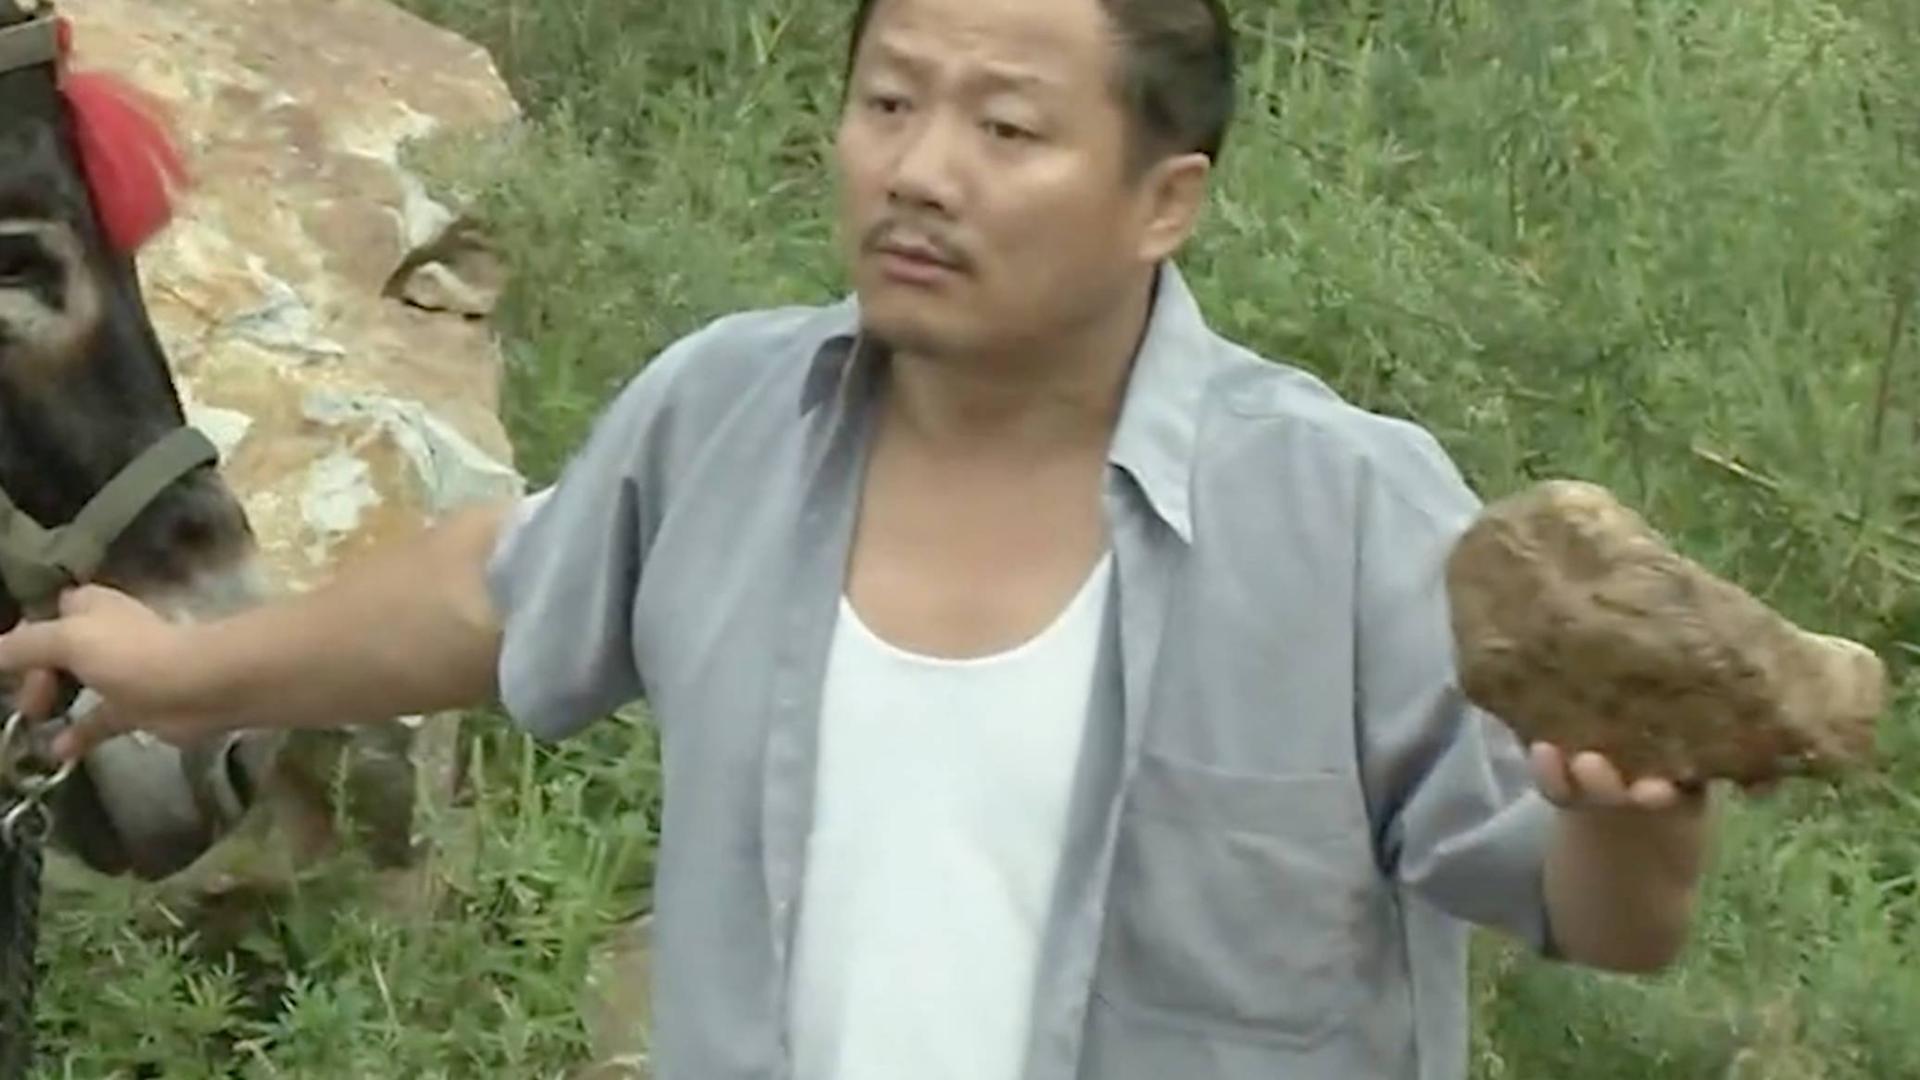 谢广坤给驴洗澡,刘能一顿损,两老爷们就开始口水战了